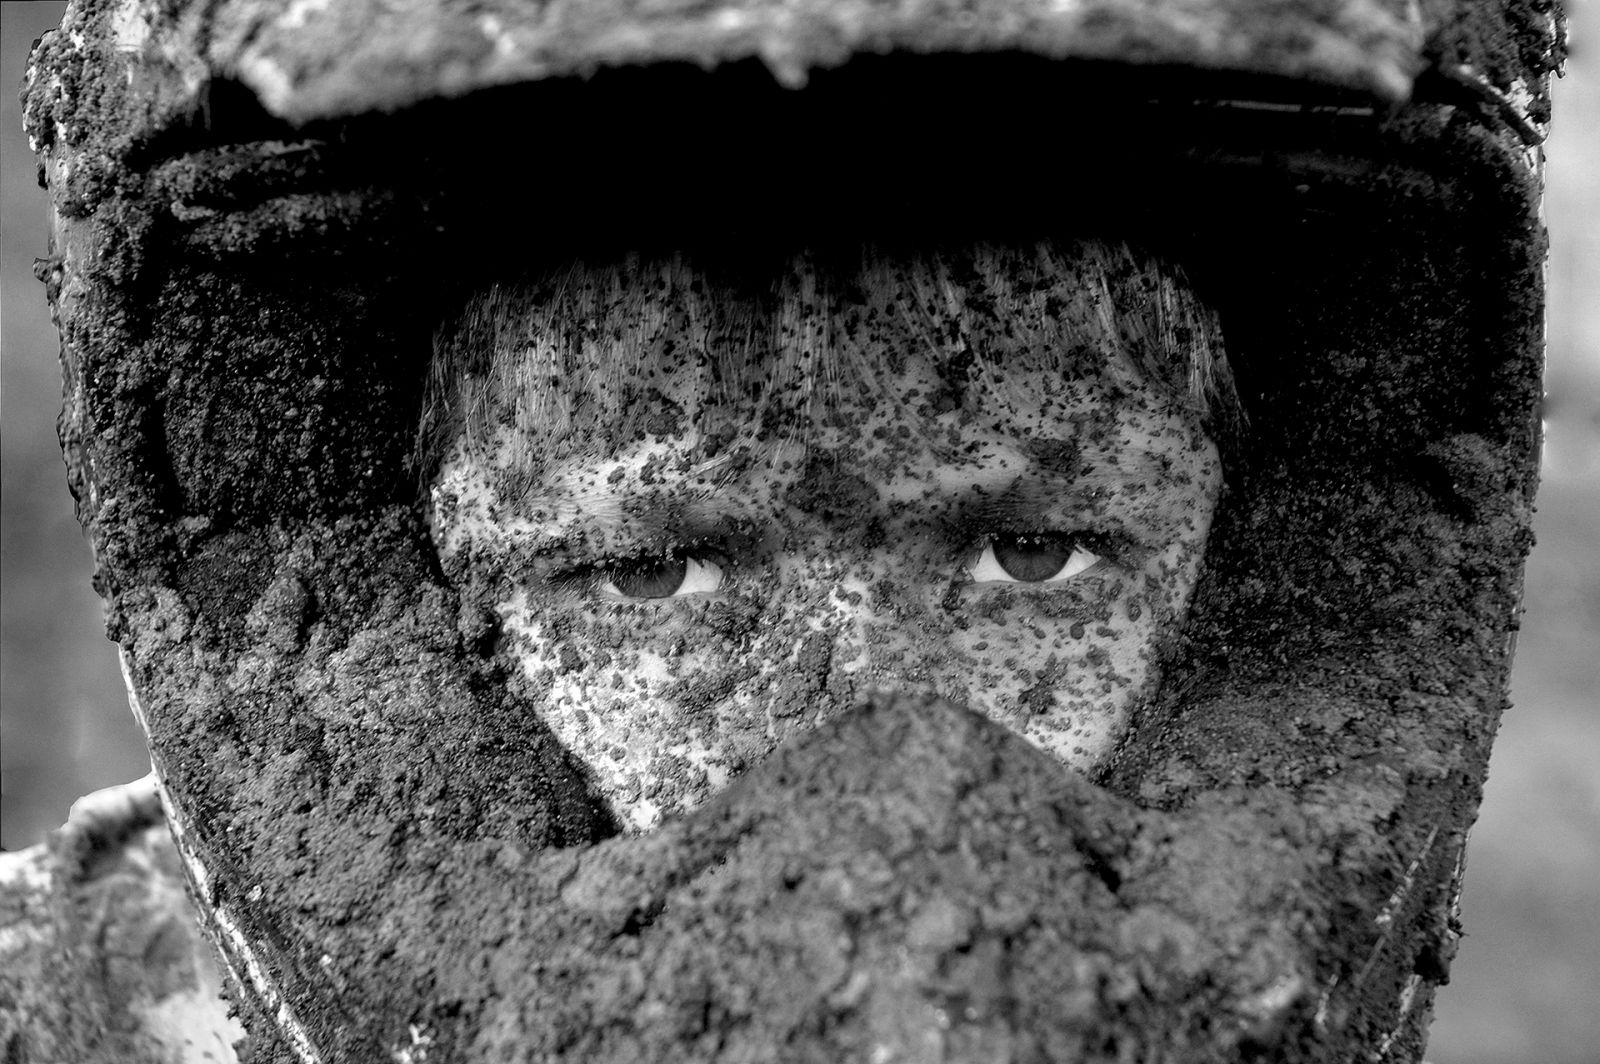 Взгляд победителя, © Виктор Силнов, Место съемки: Пенза, Номинация «Россия в лицах», Фотоконкурс «Самая красивая страна»